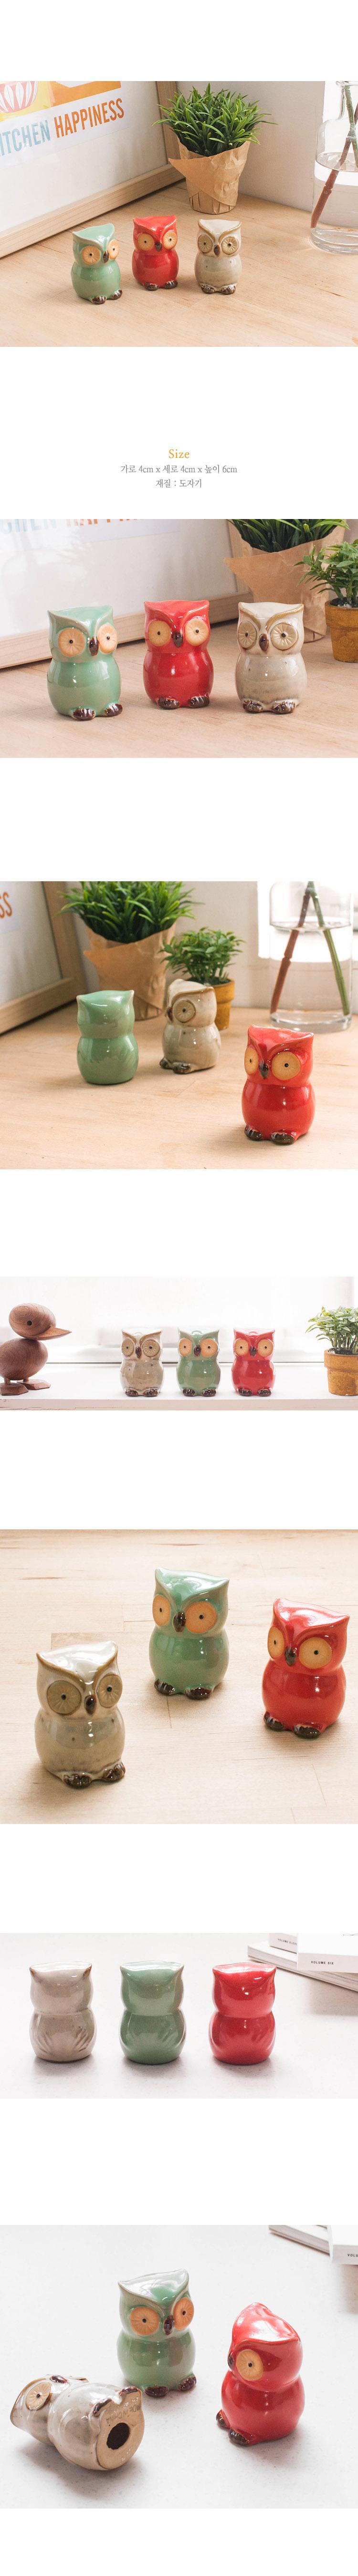 DS-S161미니 칼라 풍수 부엉이 장식품 3P 개업 집들이 선물 카페 소품 - 리빙톡톡, 12,000원, 장식소품, 기타 소품